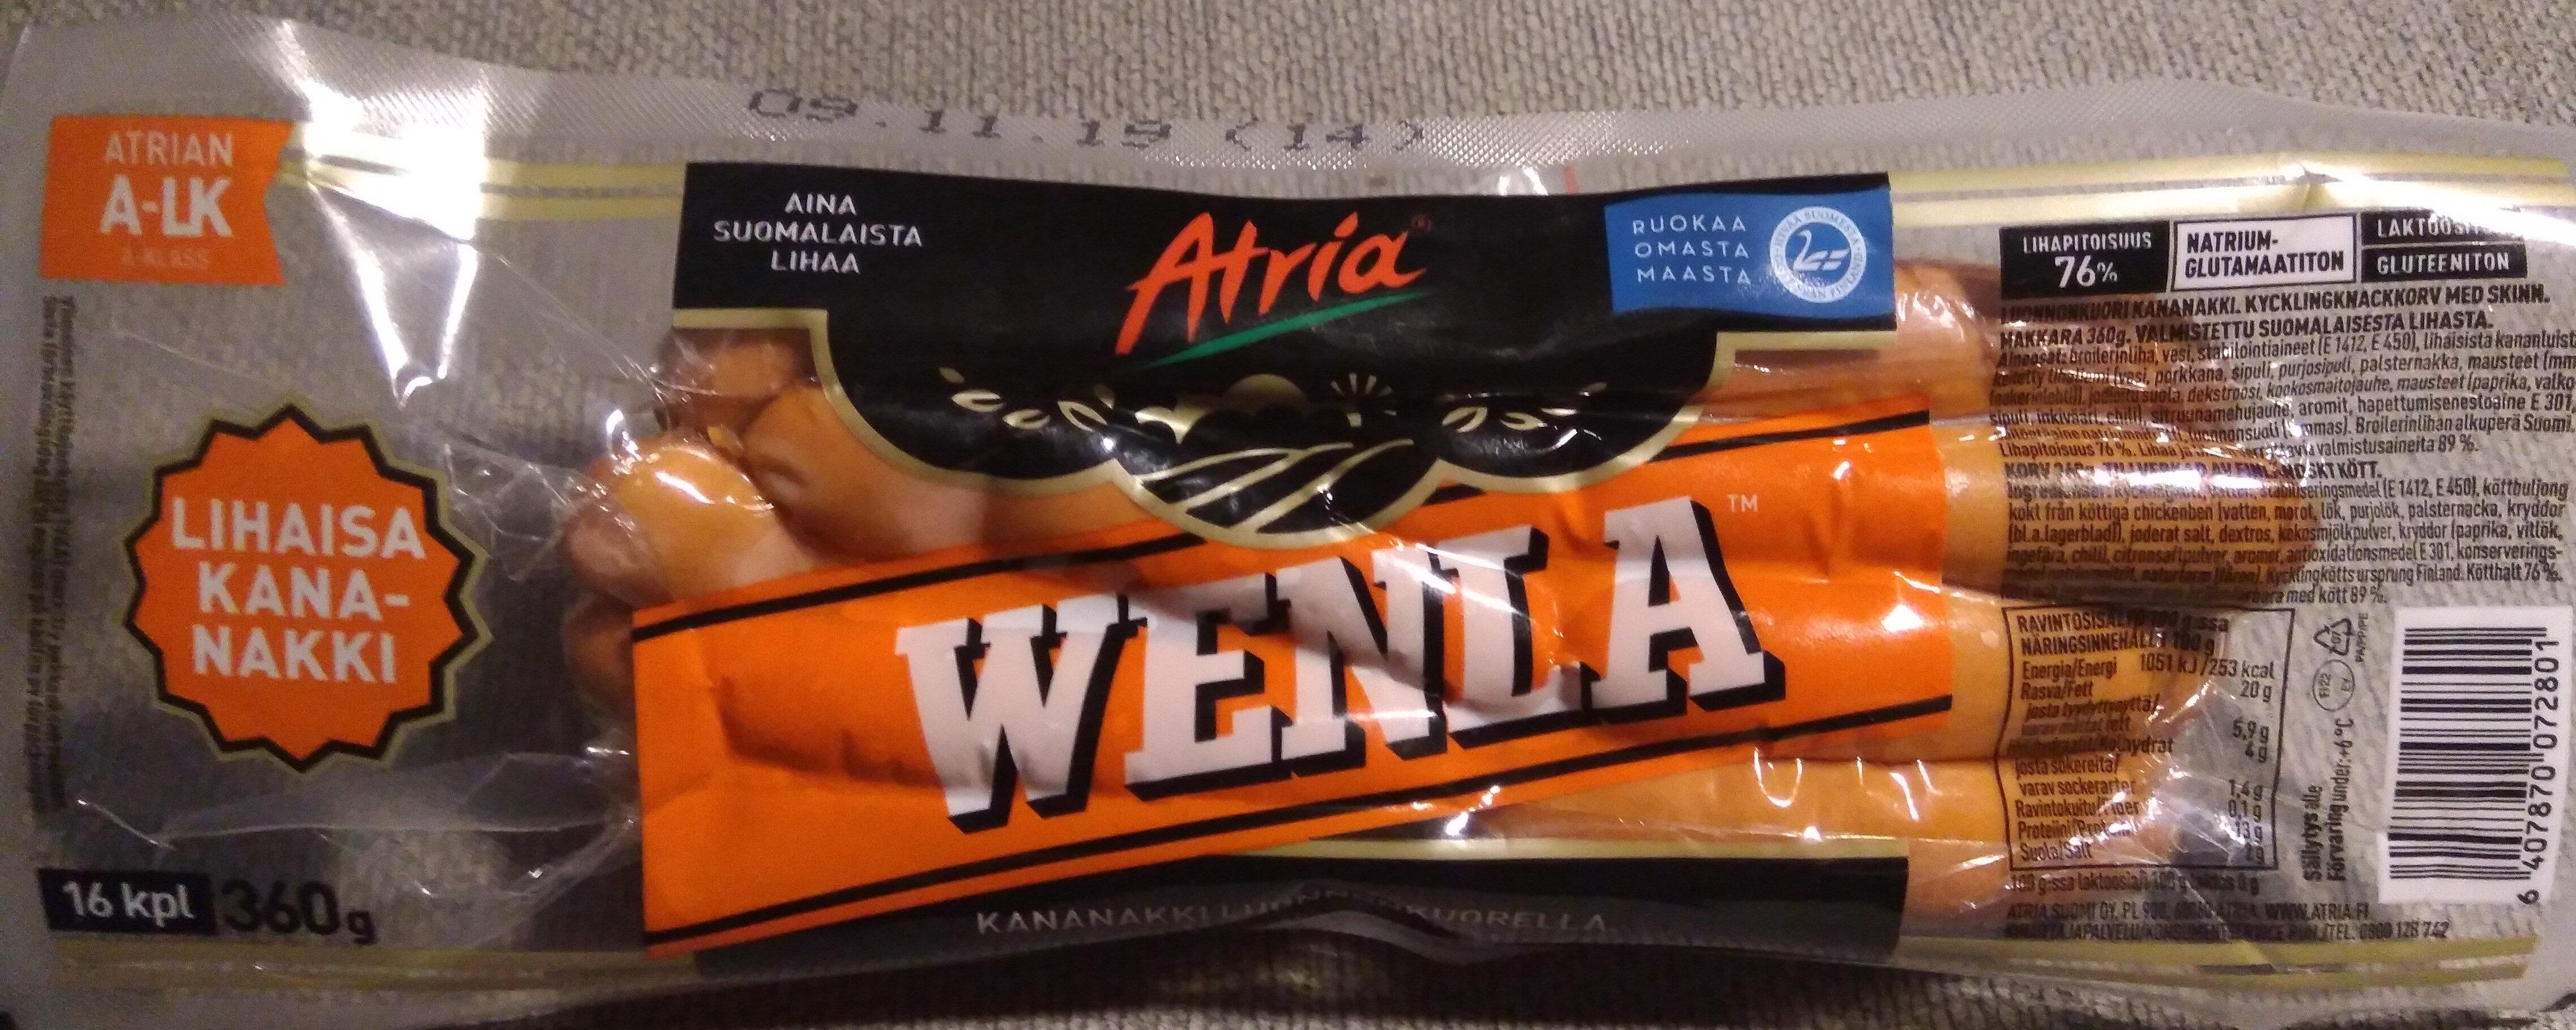 Wenla - Product